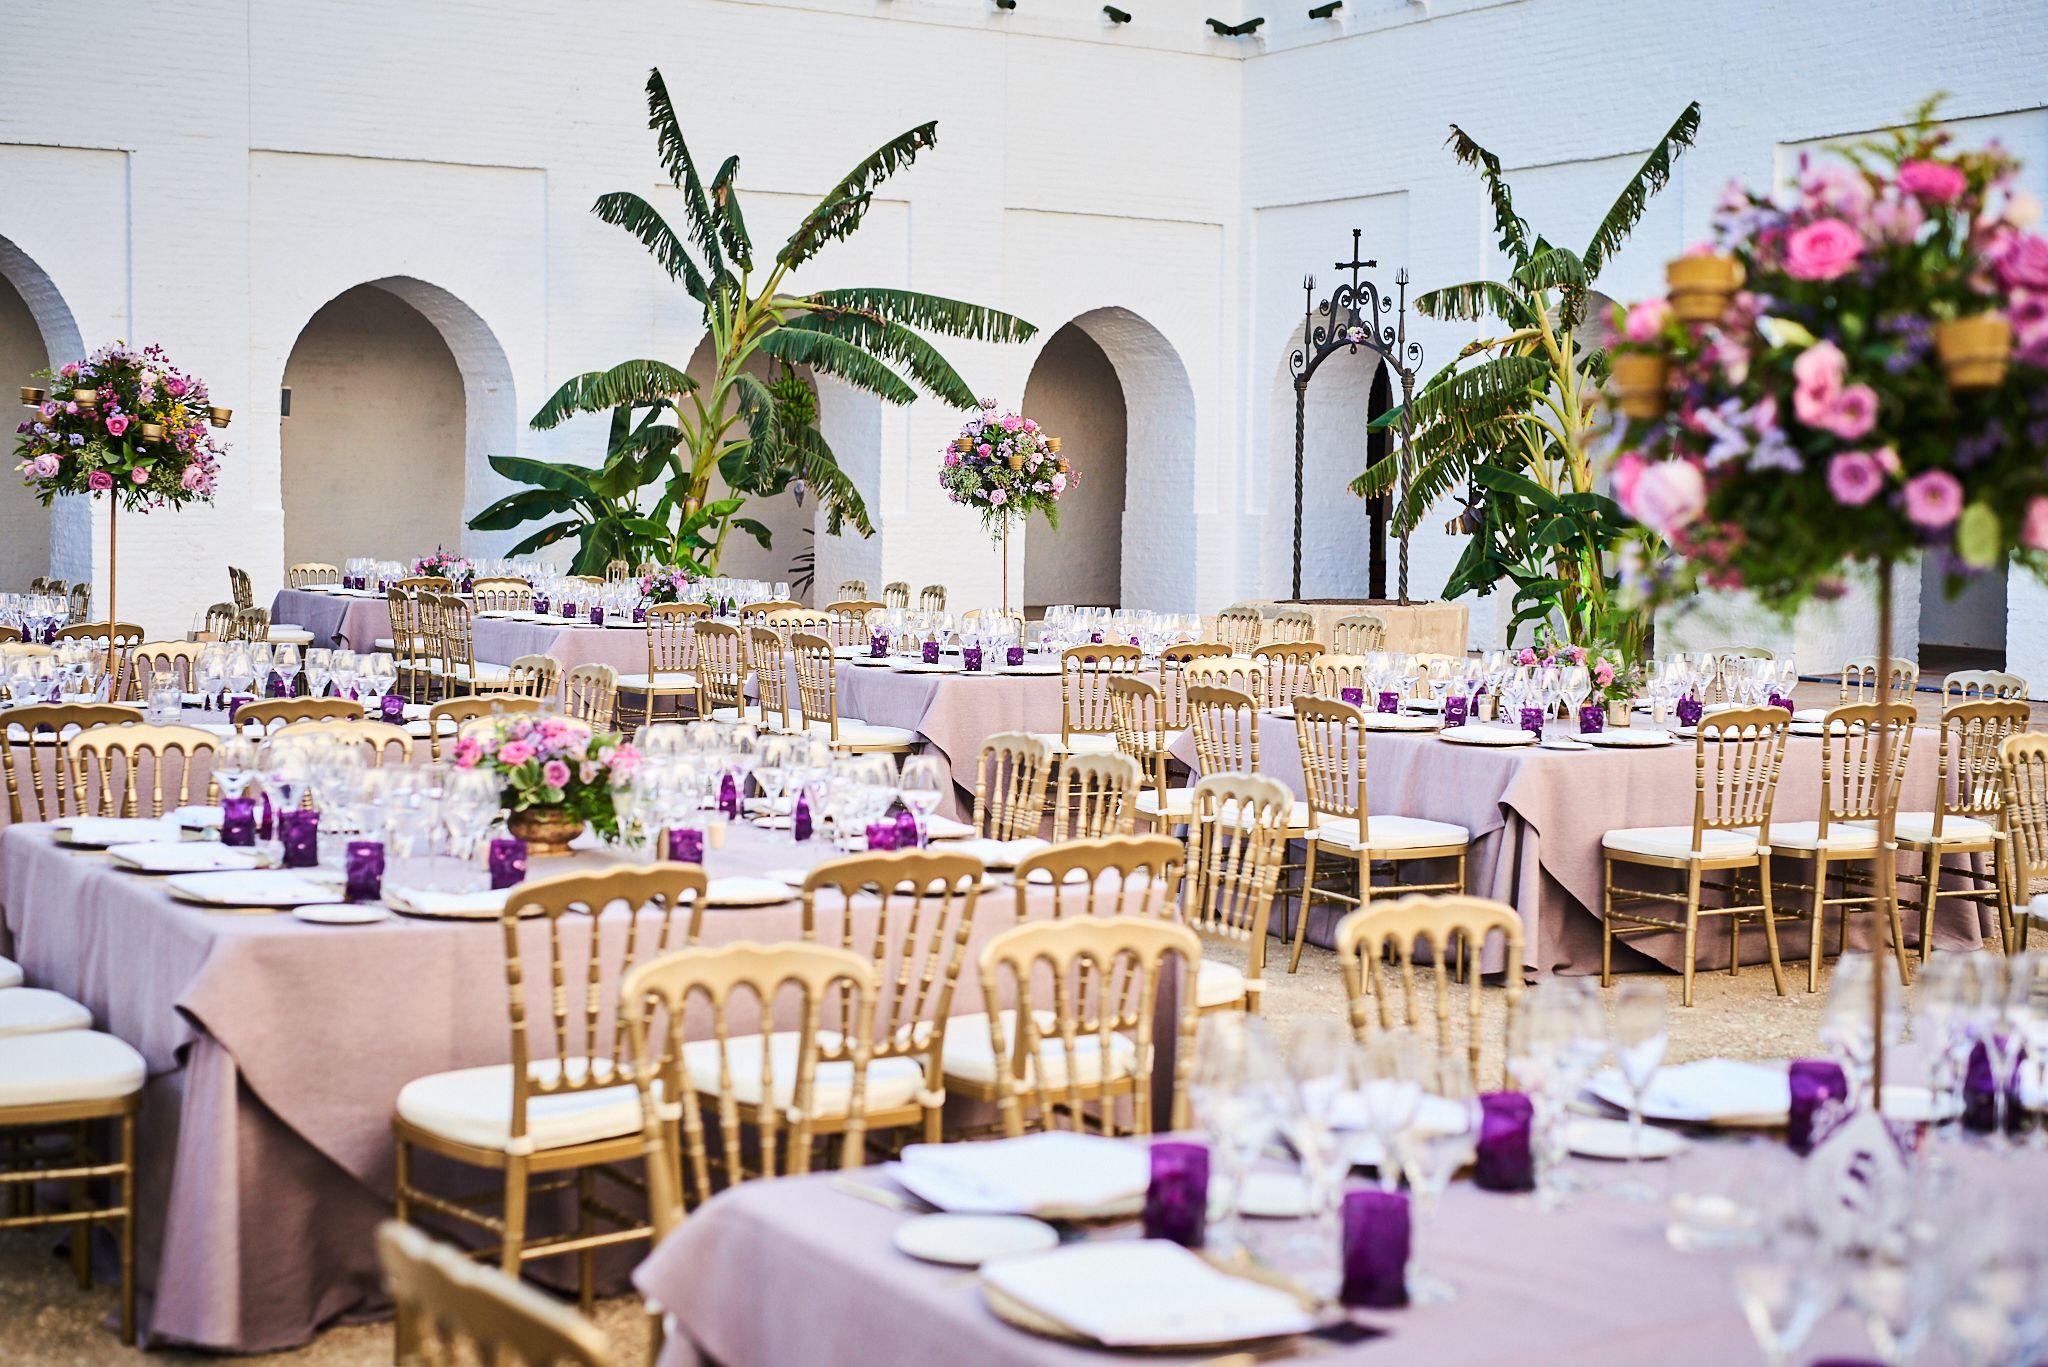 La-22Destination-Wedding22-en-Moguer-de-Lauren-y-JosC3A9-Antonio-JoseAntonio-alejandromarmol1941.jpg